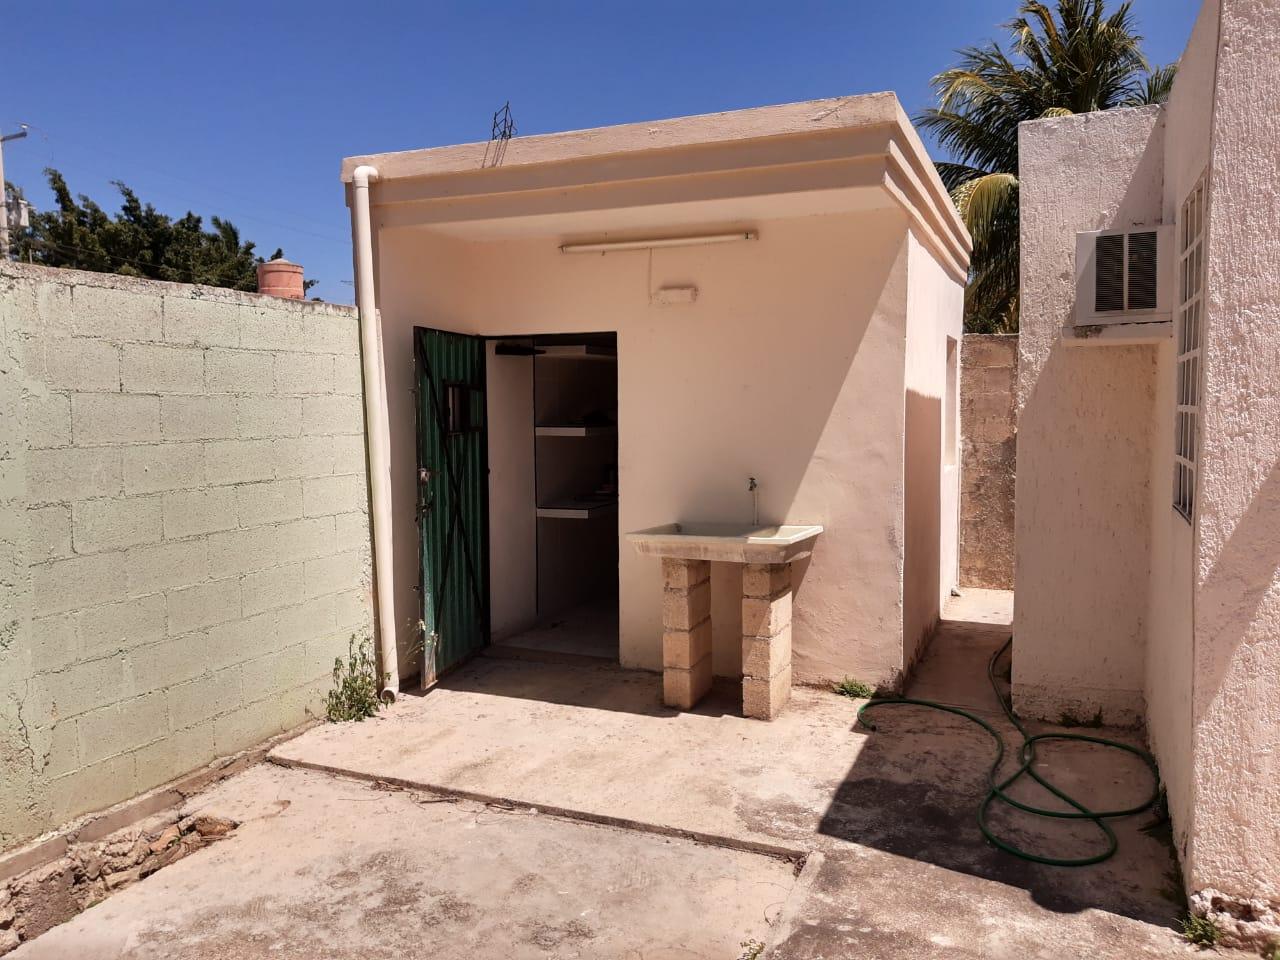 Casa de Una Sola Planta en Pinos Norte en Mérida Yucatán